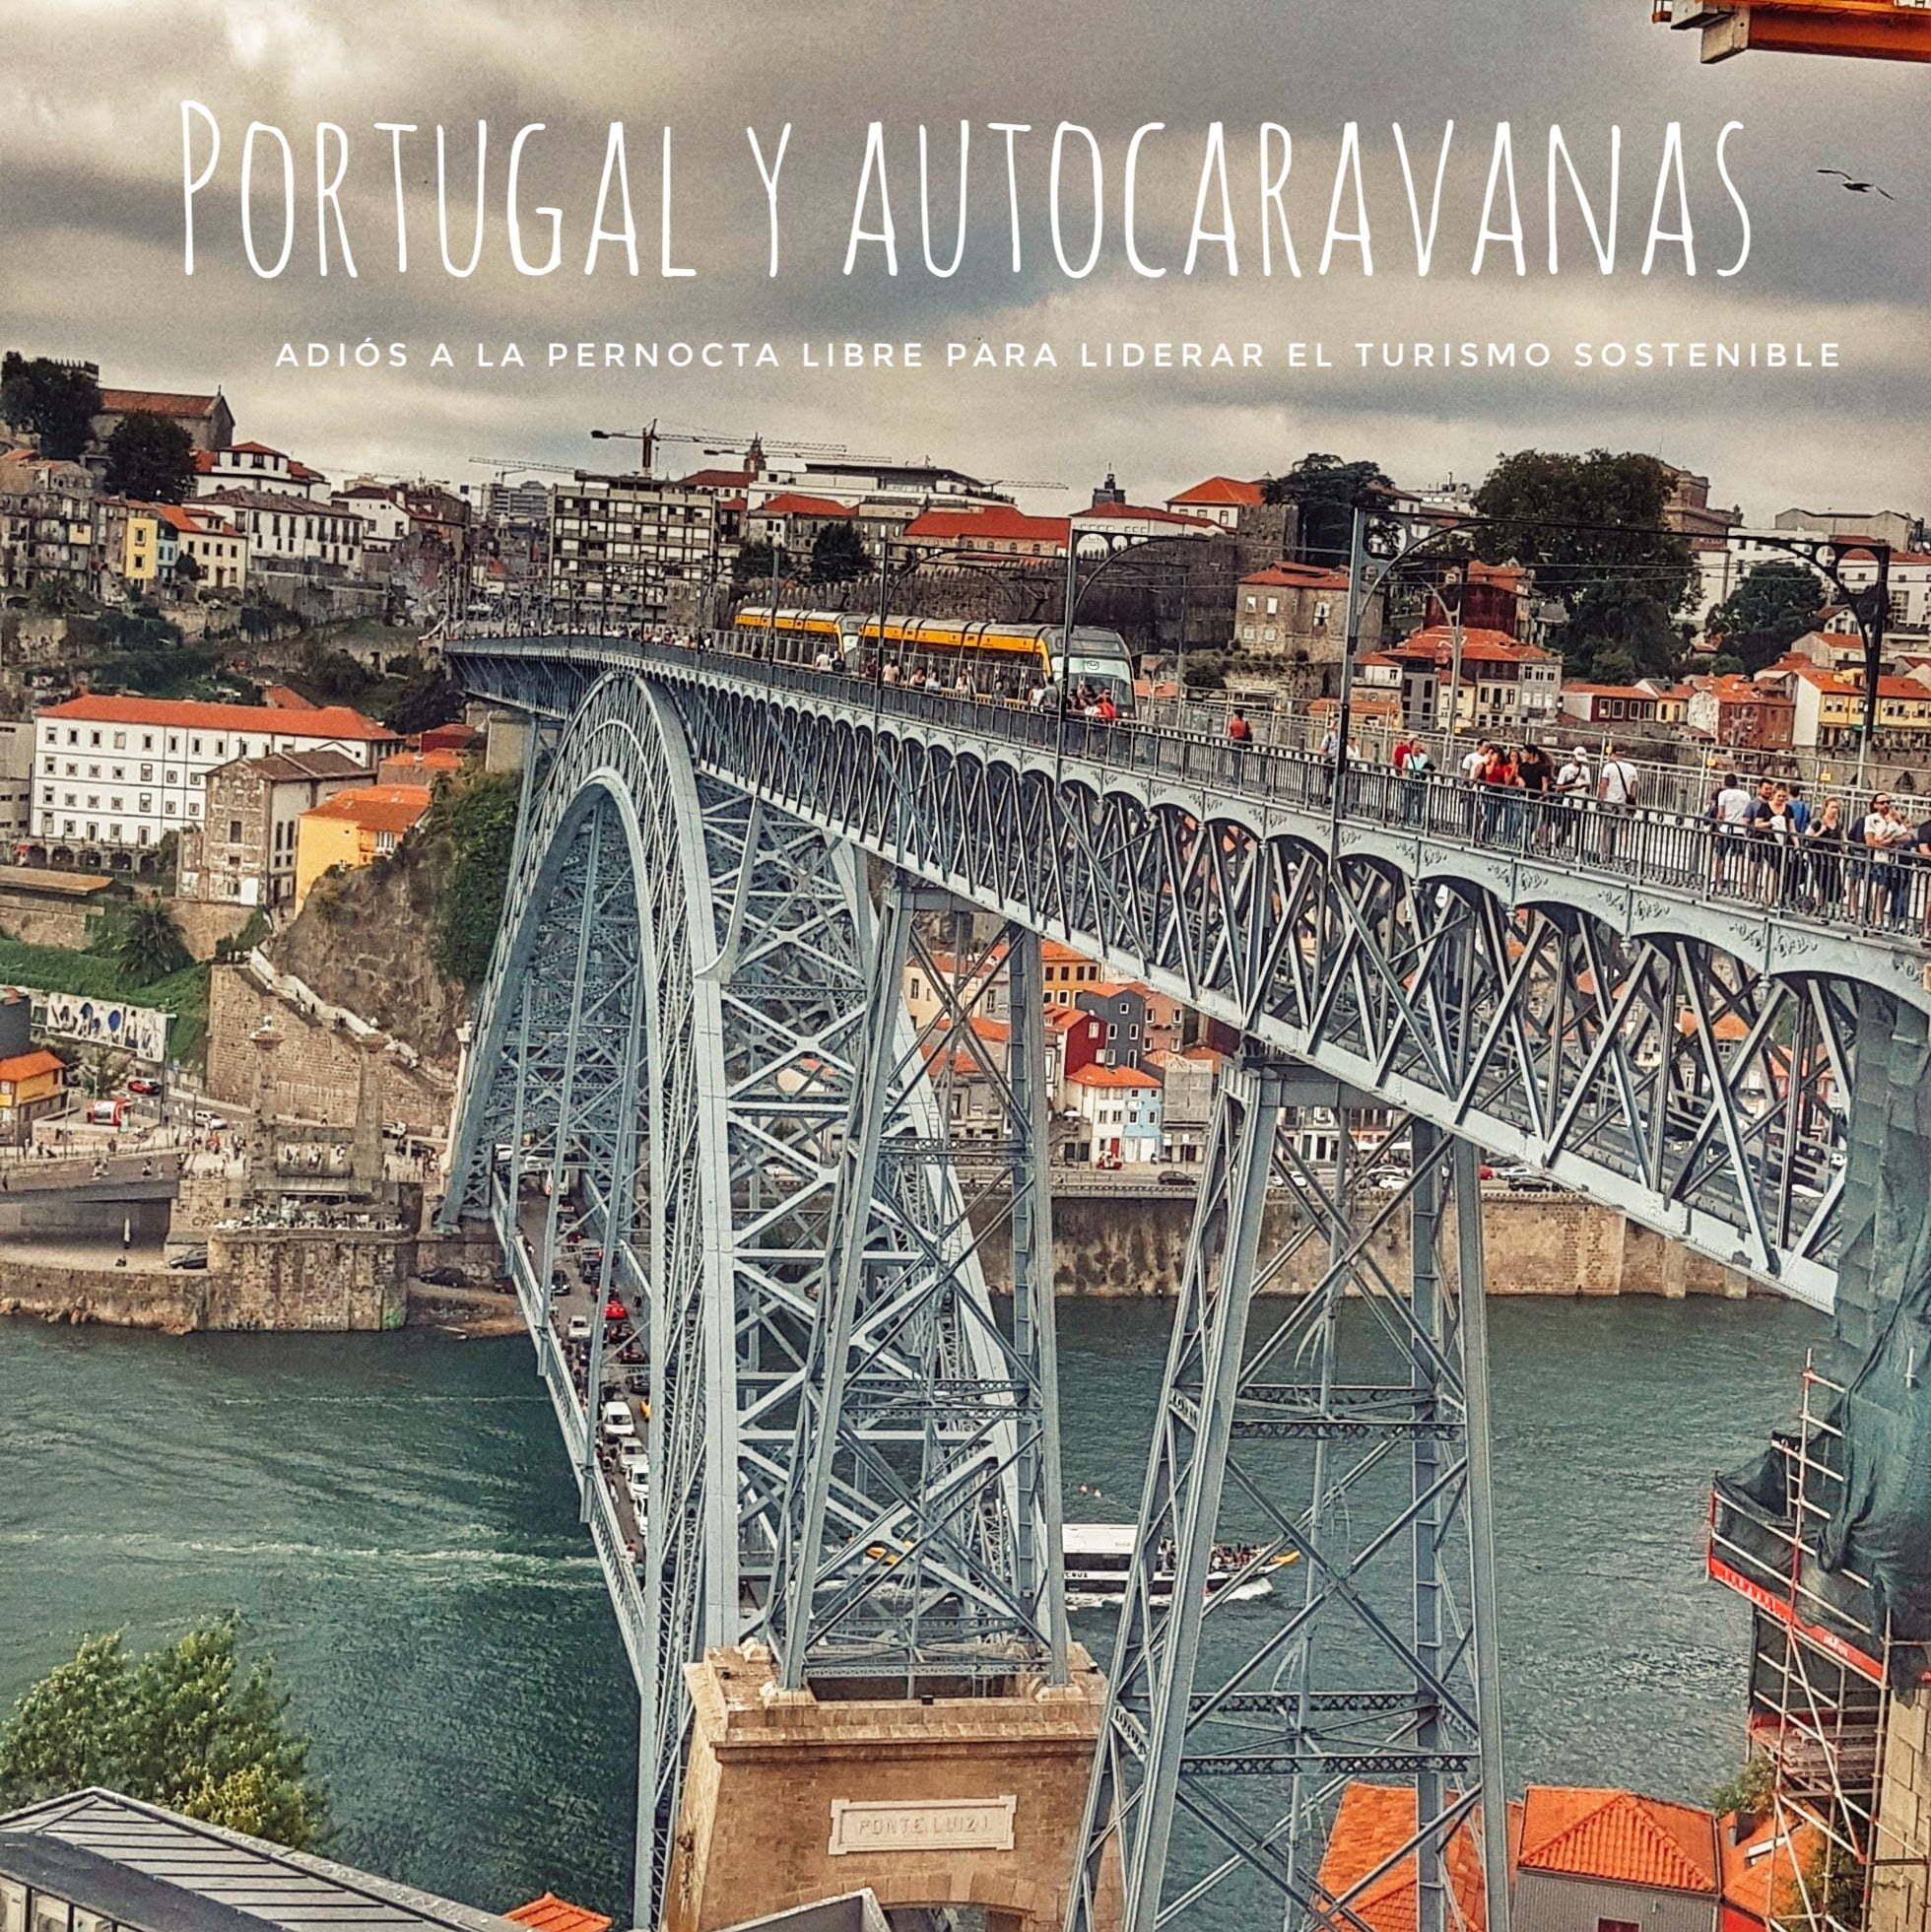 Portugal et camping-cars: adieu aux nuitées gratuites pour mener un tourisme durable